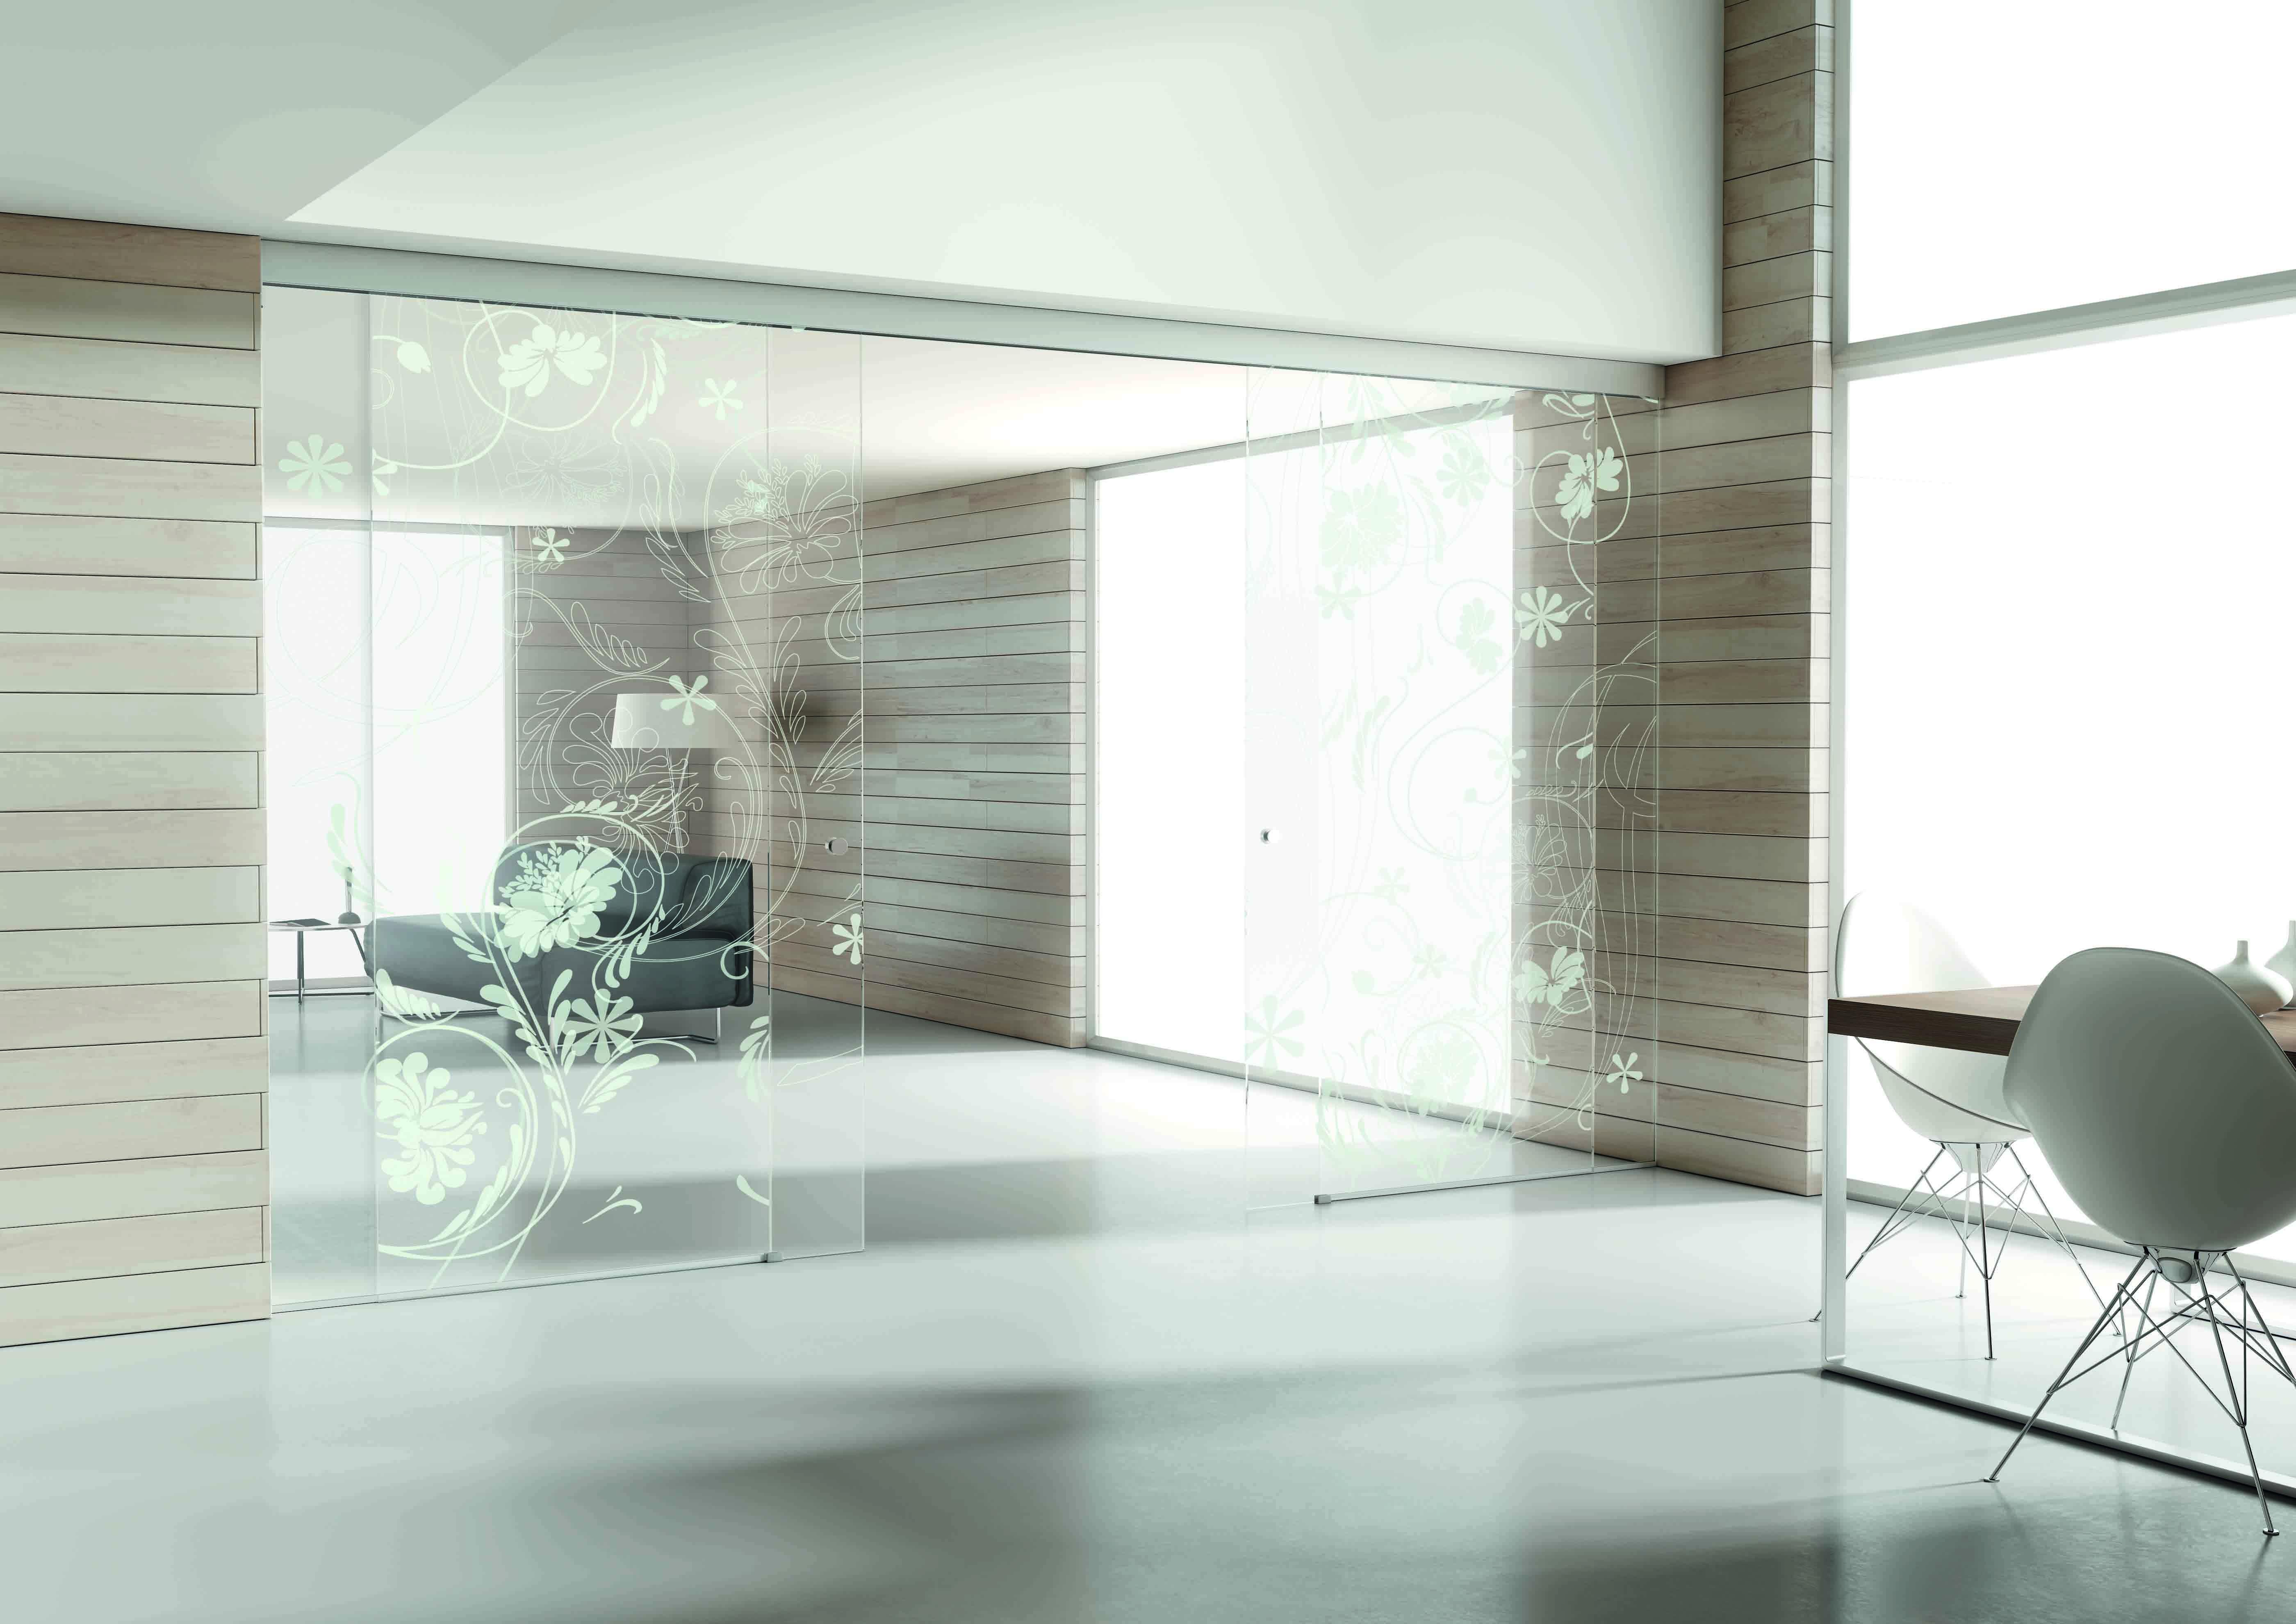 imagik profiltek puertas de interior correderas de cristal platos de wallpaper gallery puerta de cristal with modelos de puertas correderas de interior